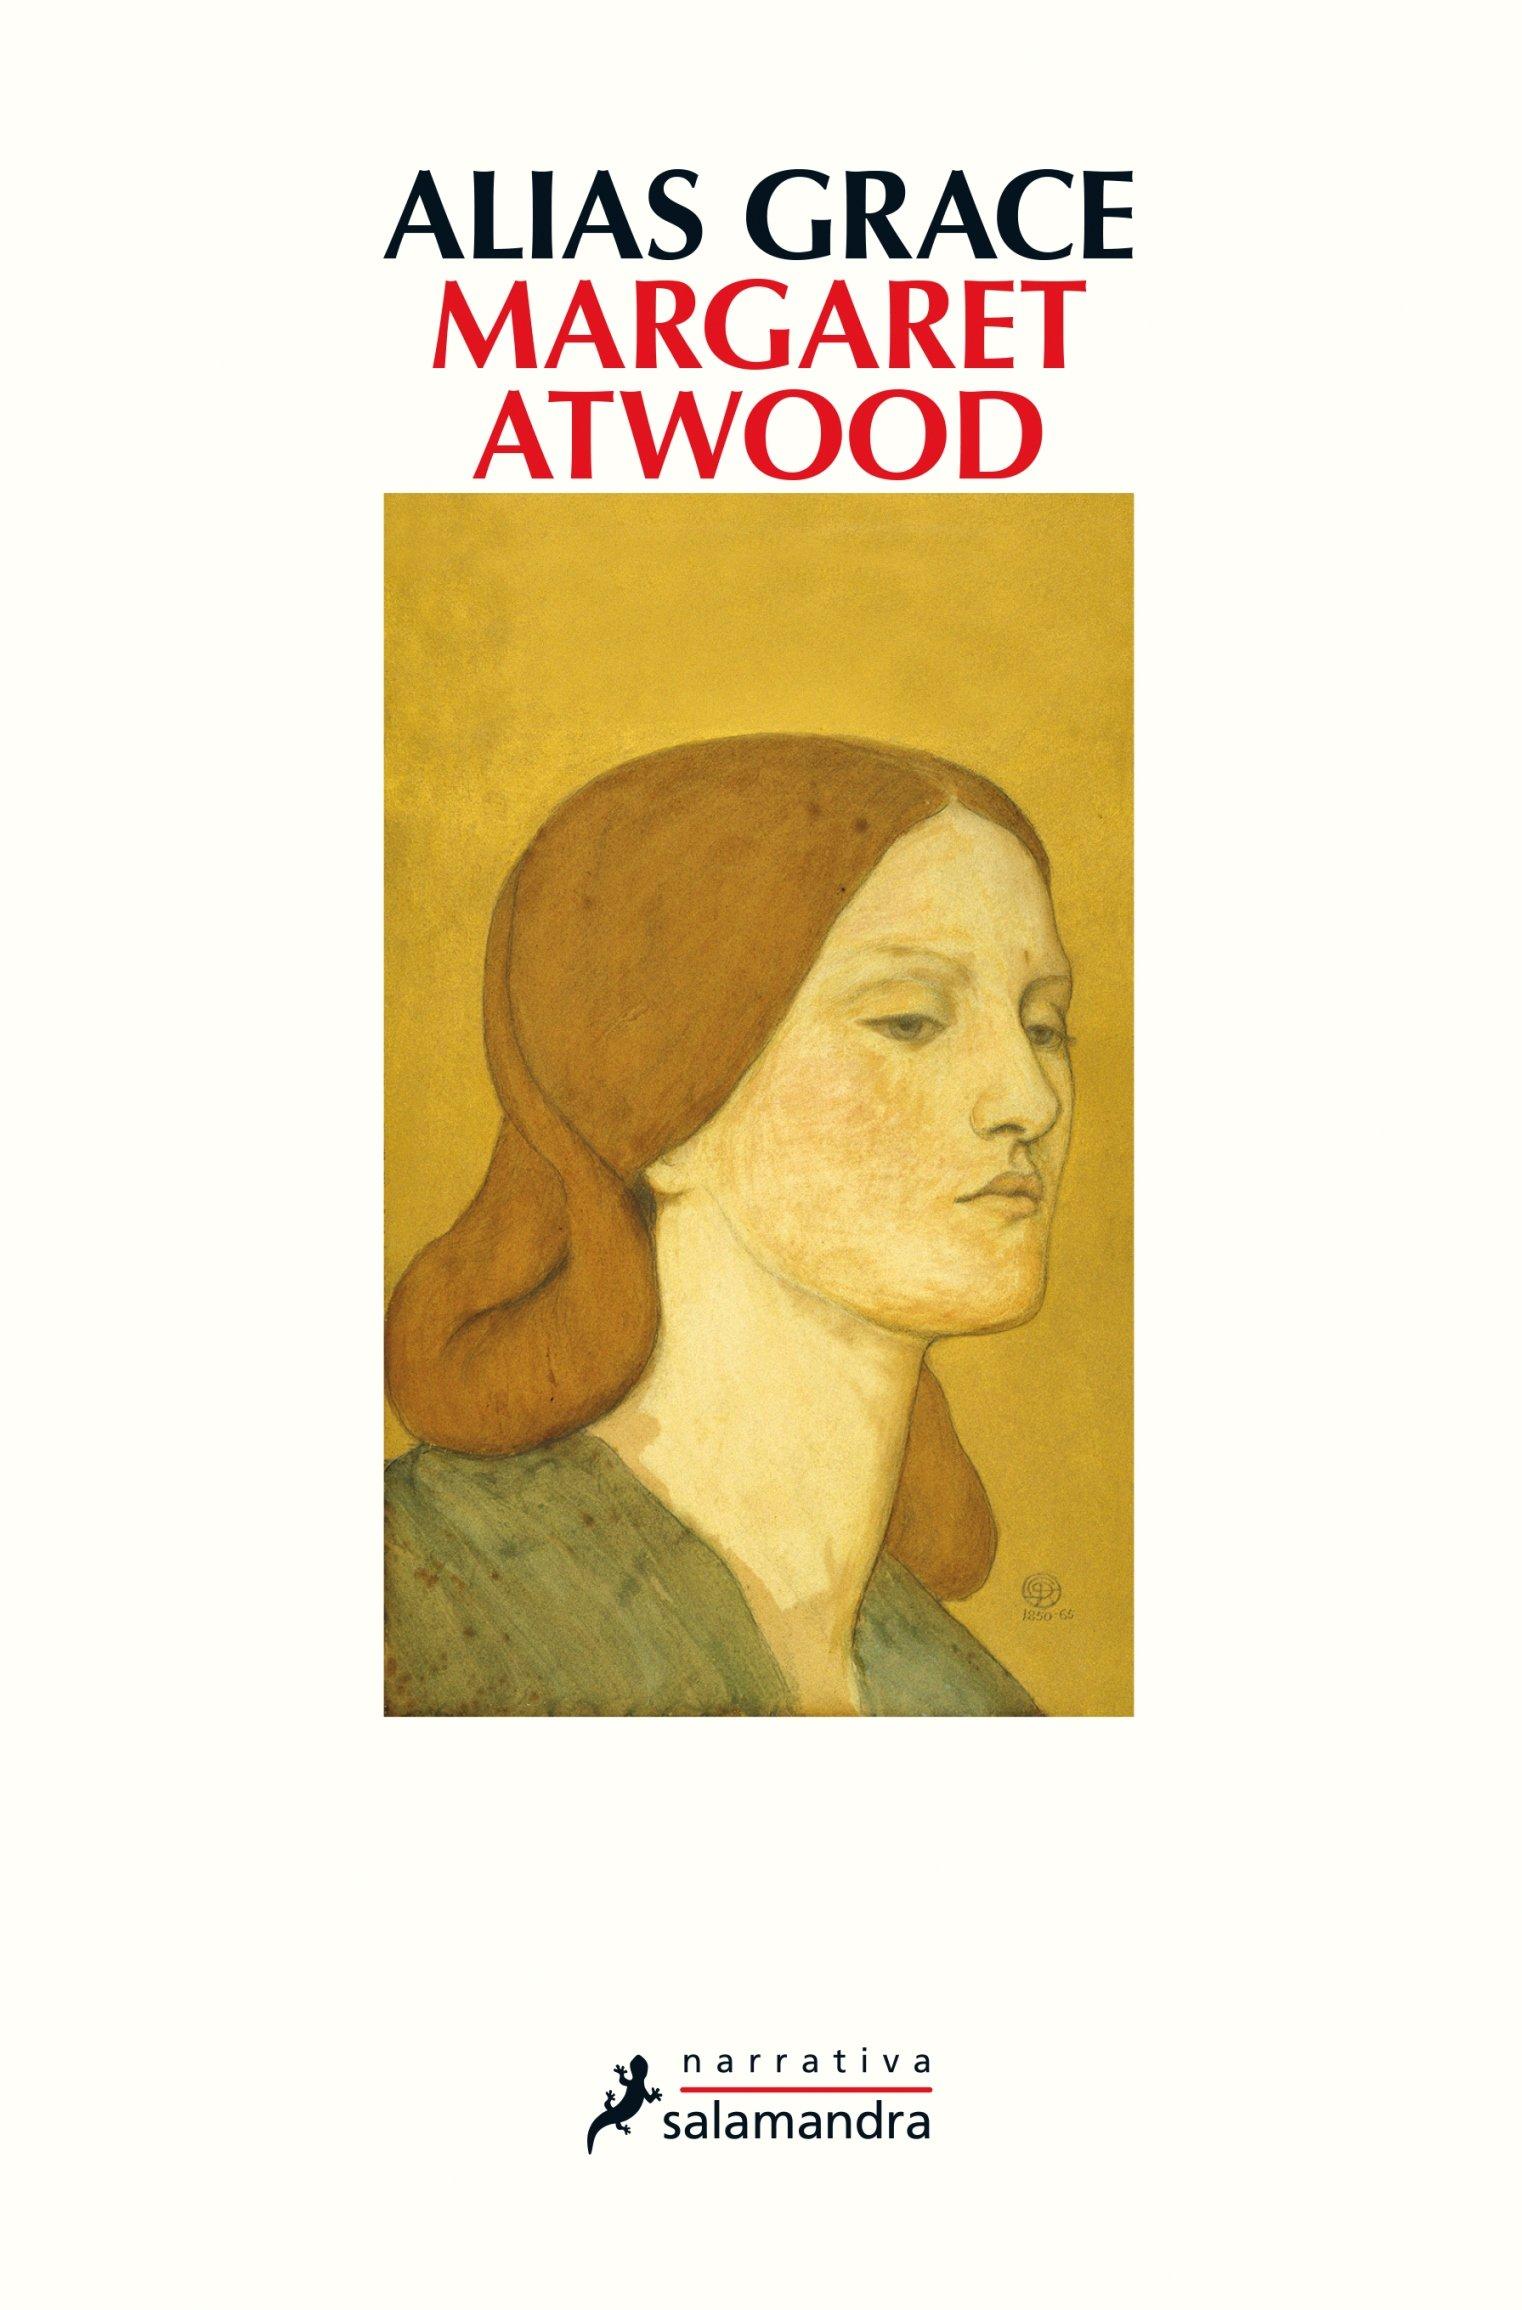 Portada libro - Alias Grace